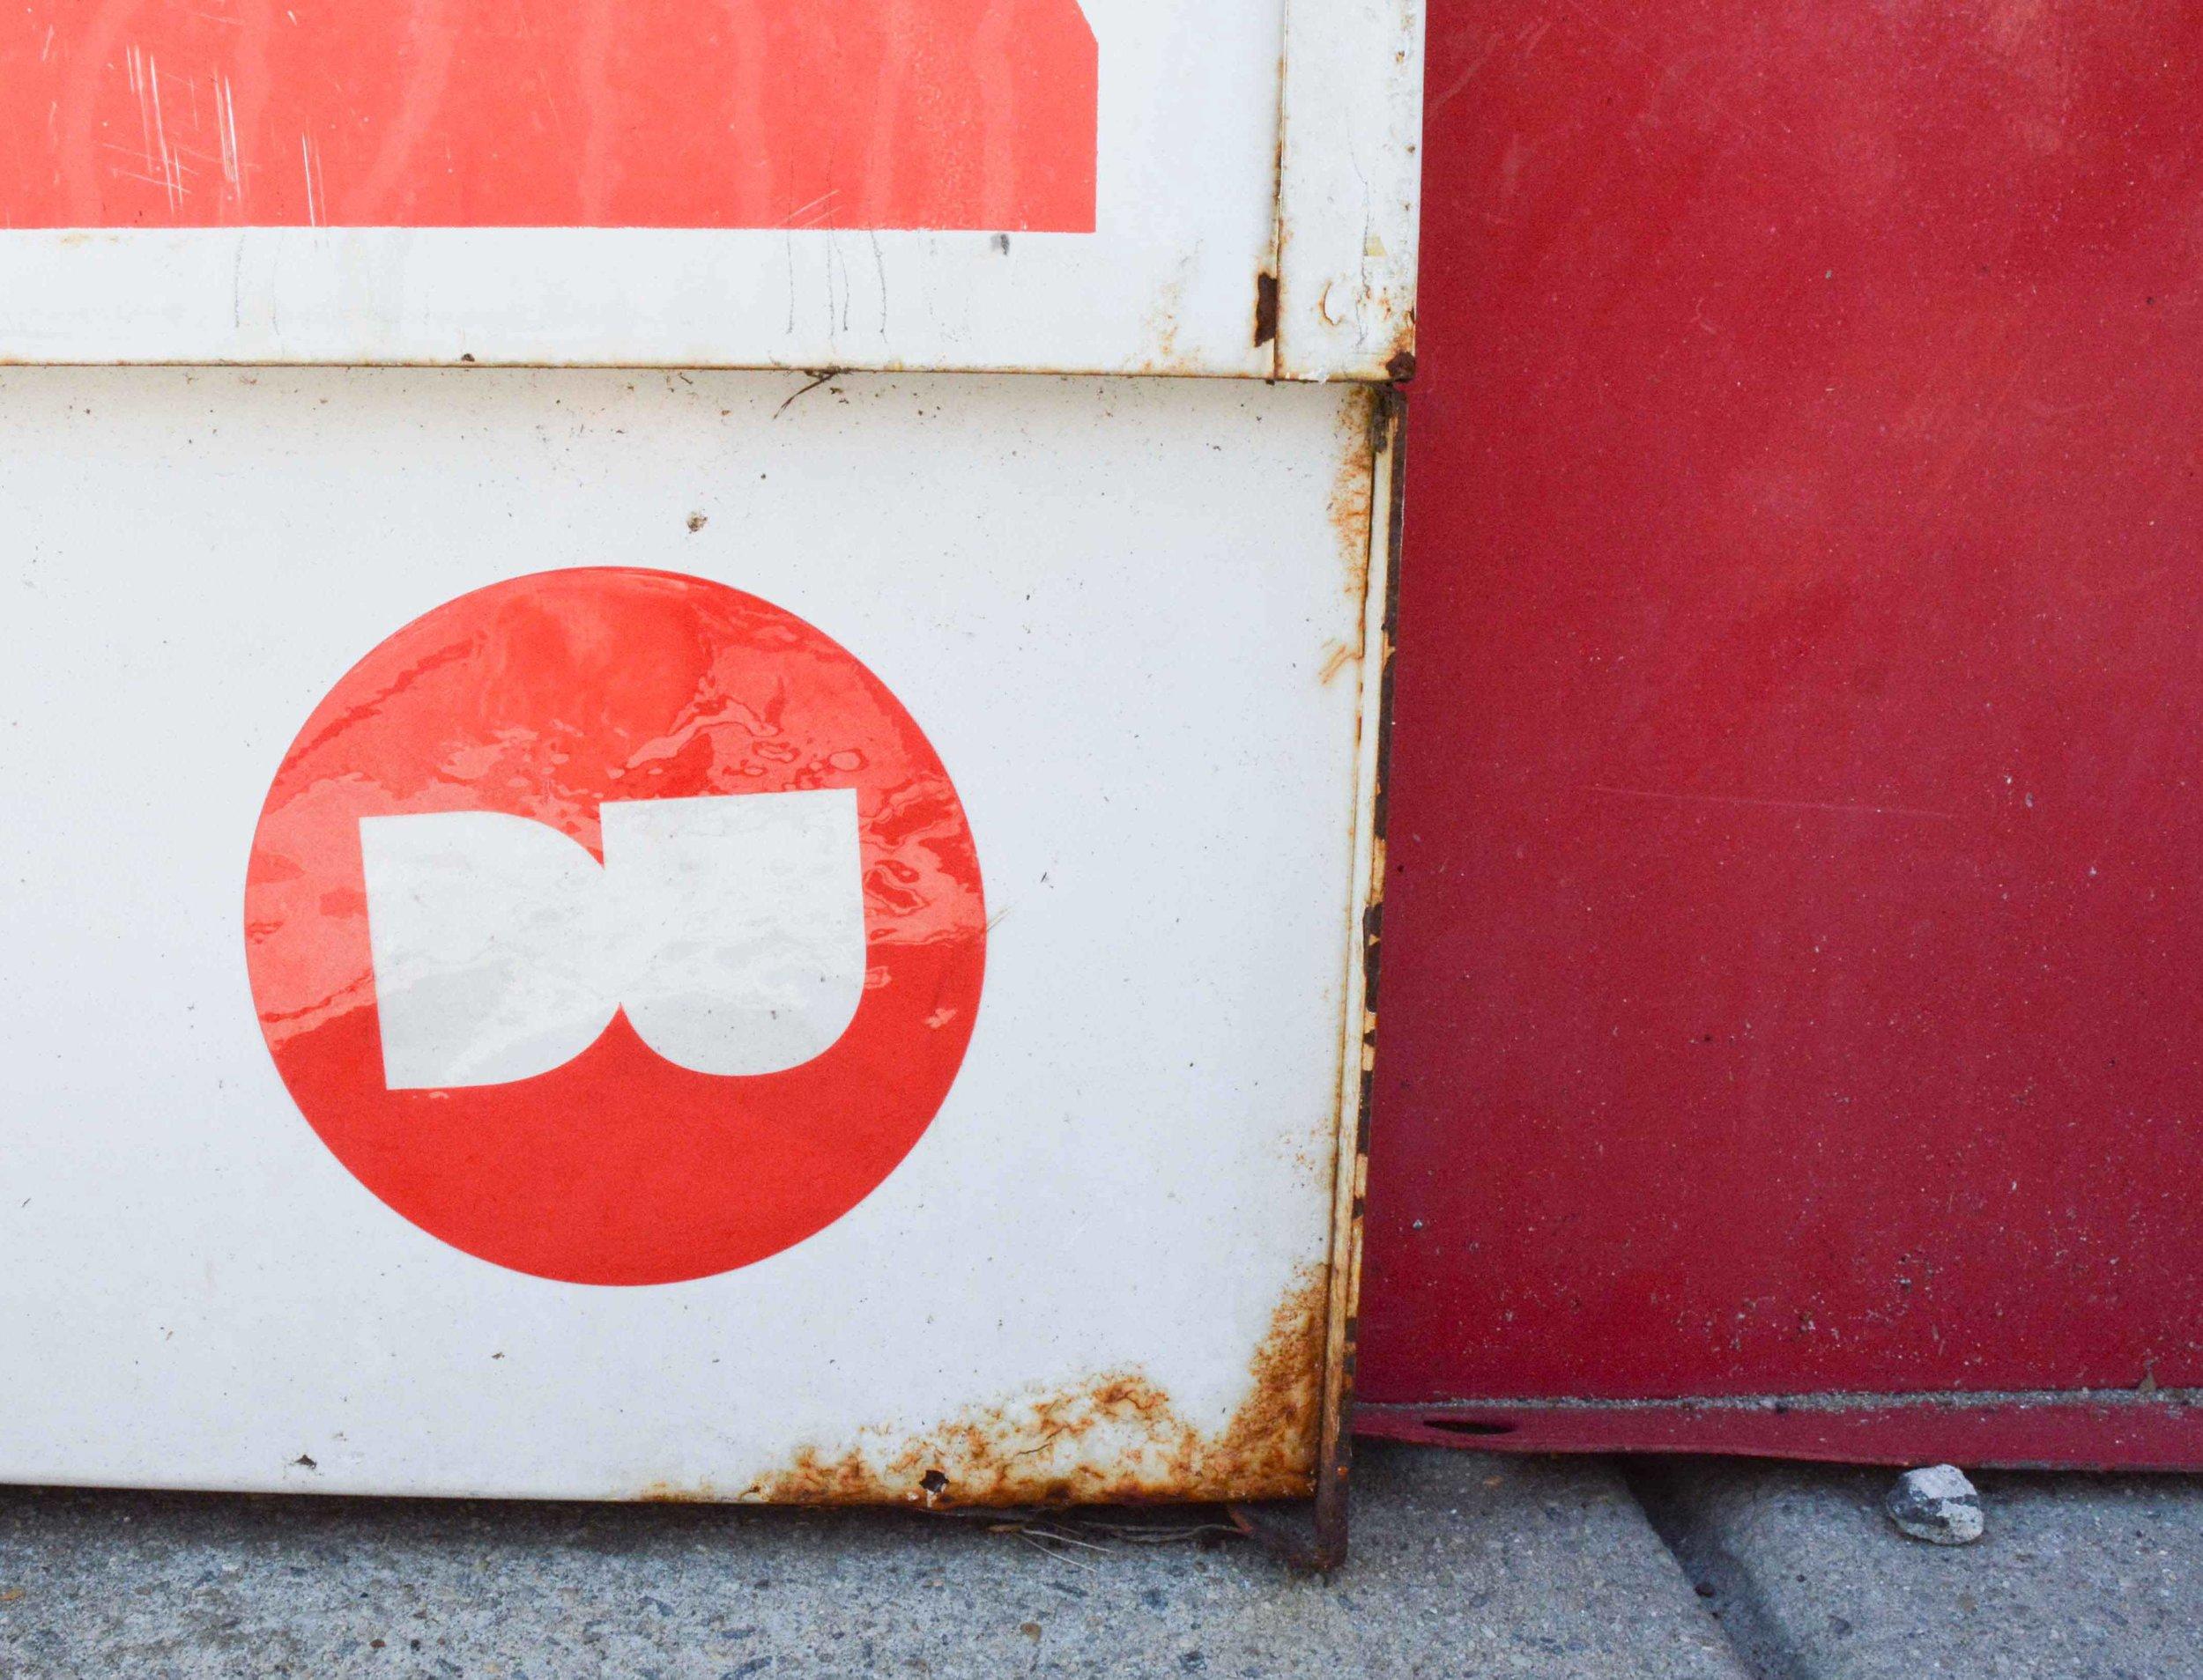 du-sticker-4x3.jpg